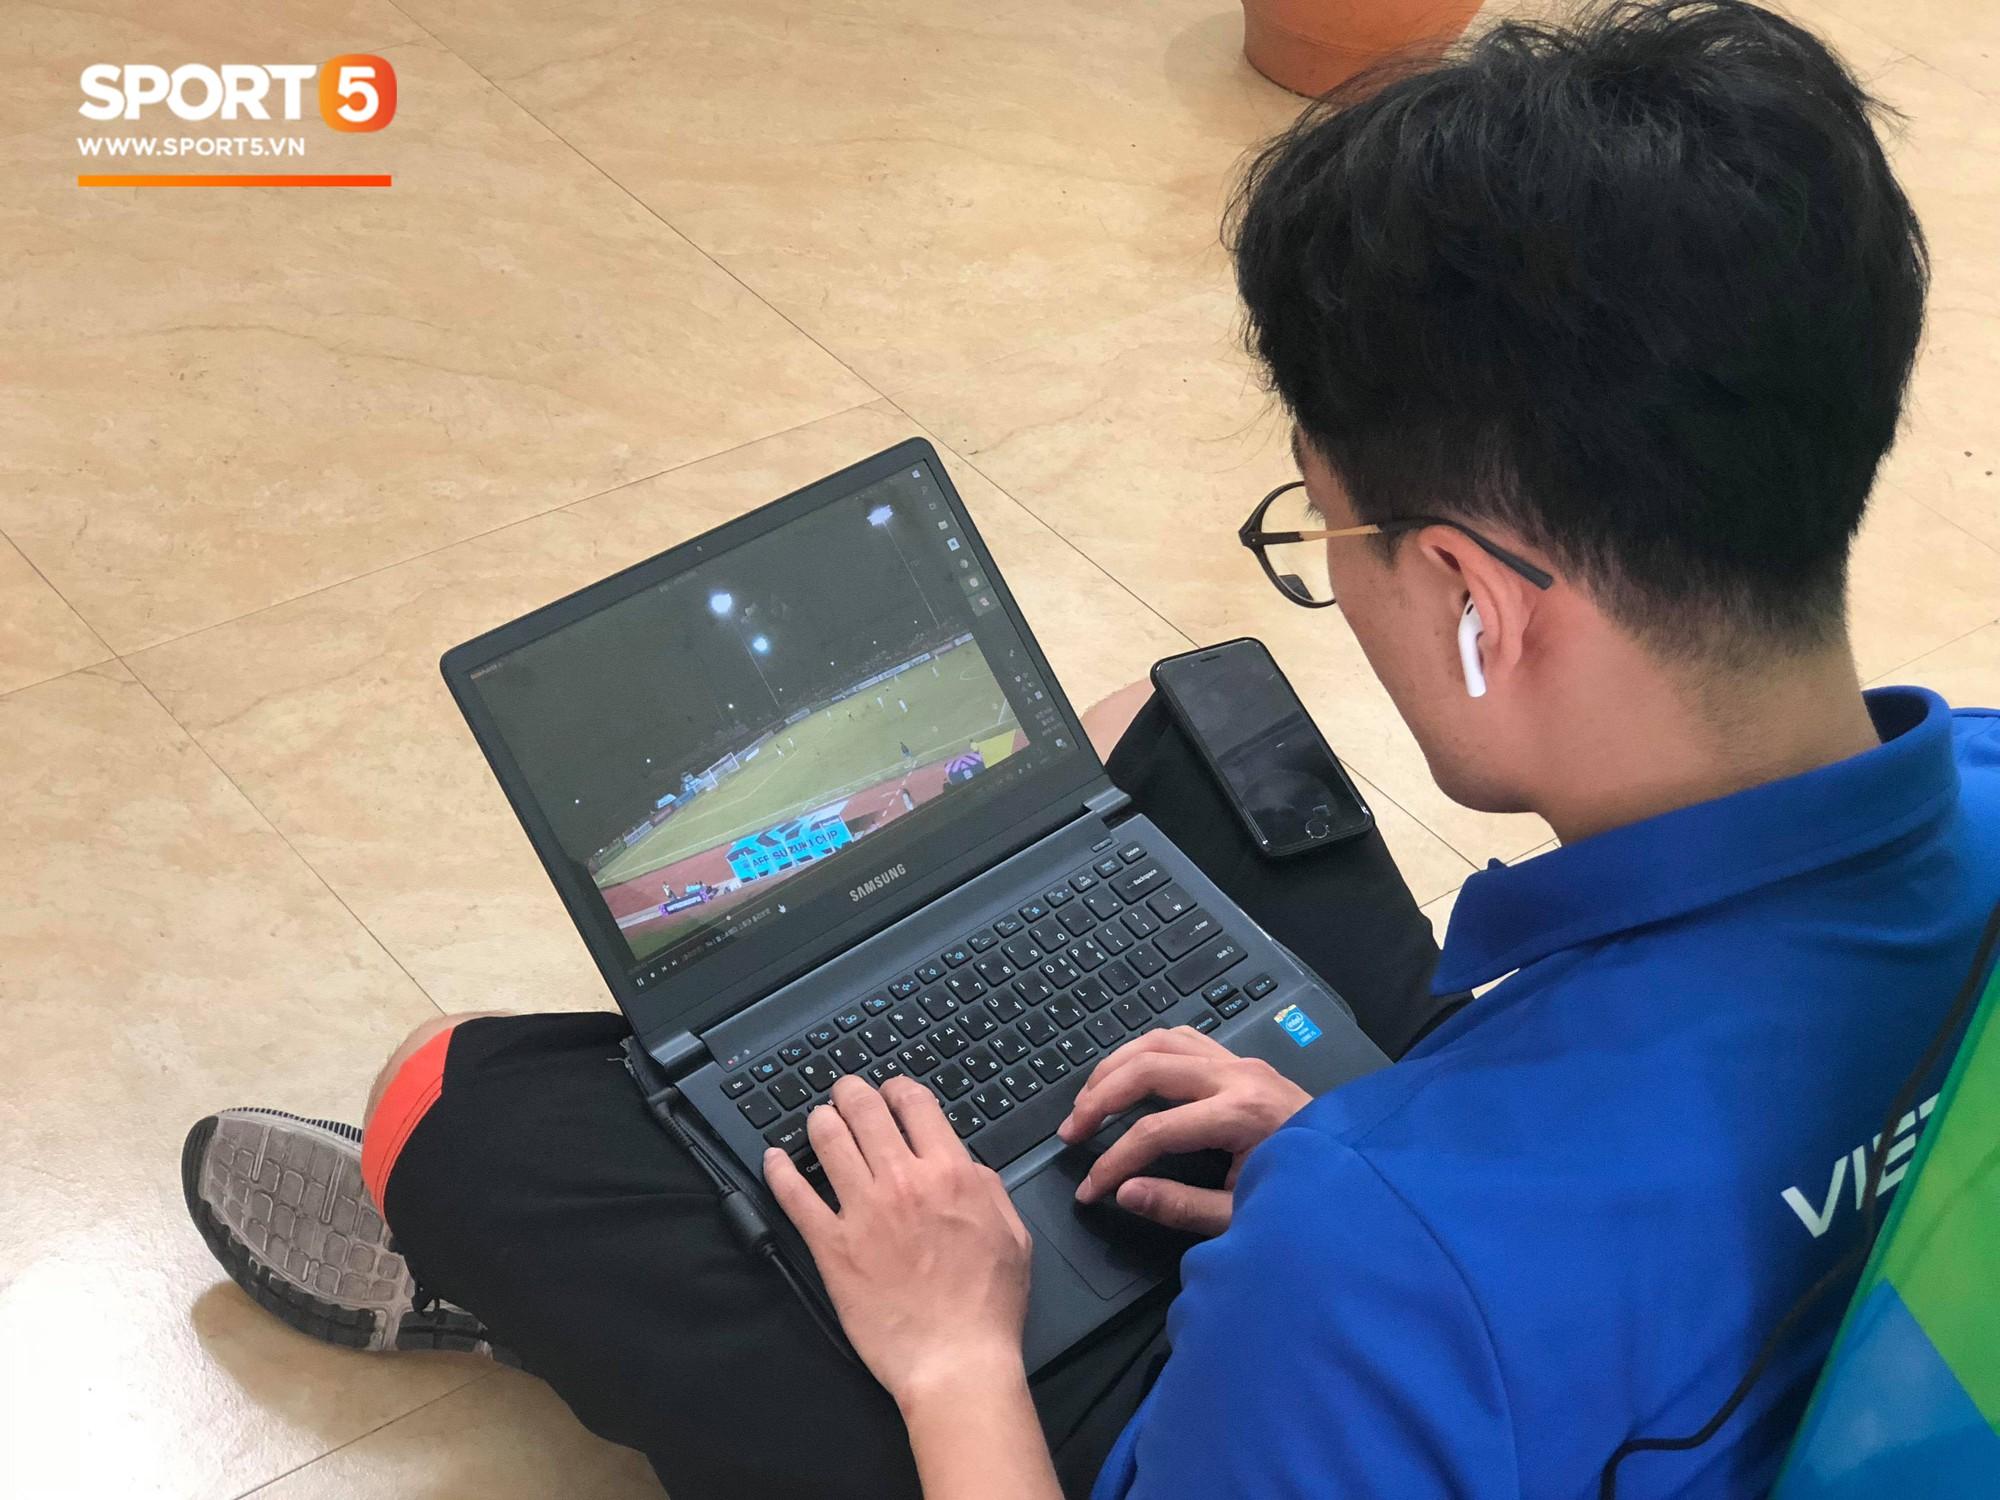 Không ngủ quên sau trận thắng Philippines, trợ lý Hàn Quốc điển trai của tuyển Việt Nam ngồi bệt ngay tại sân bay phân tích đối thủ - Ảnh 4.